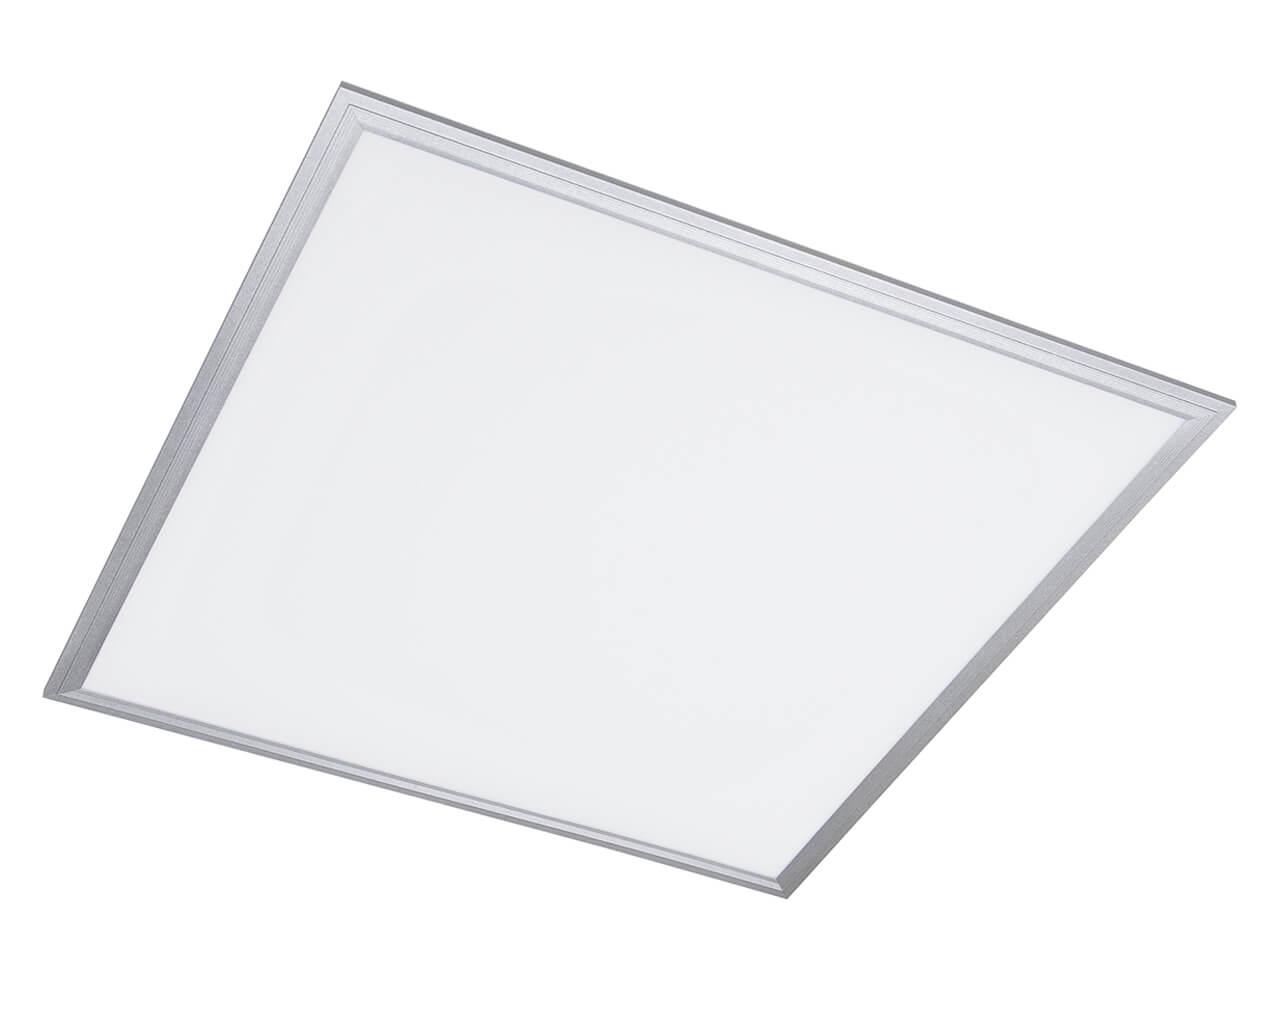 Светодиодная панель Ledcraft LC-PN-6060-38W 600x600 38W Белый